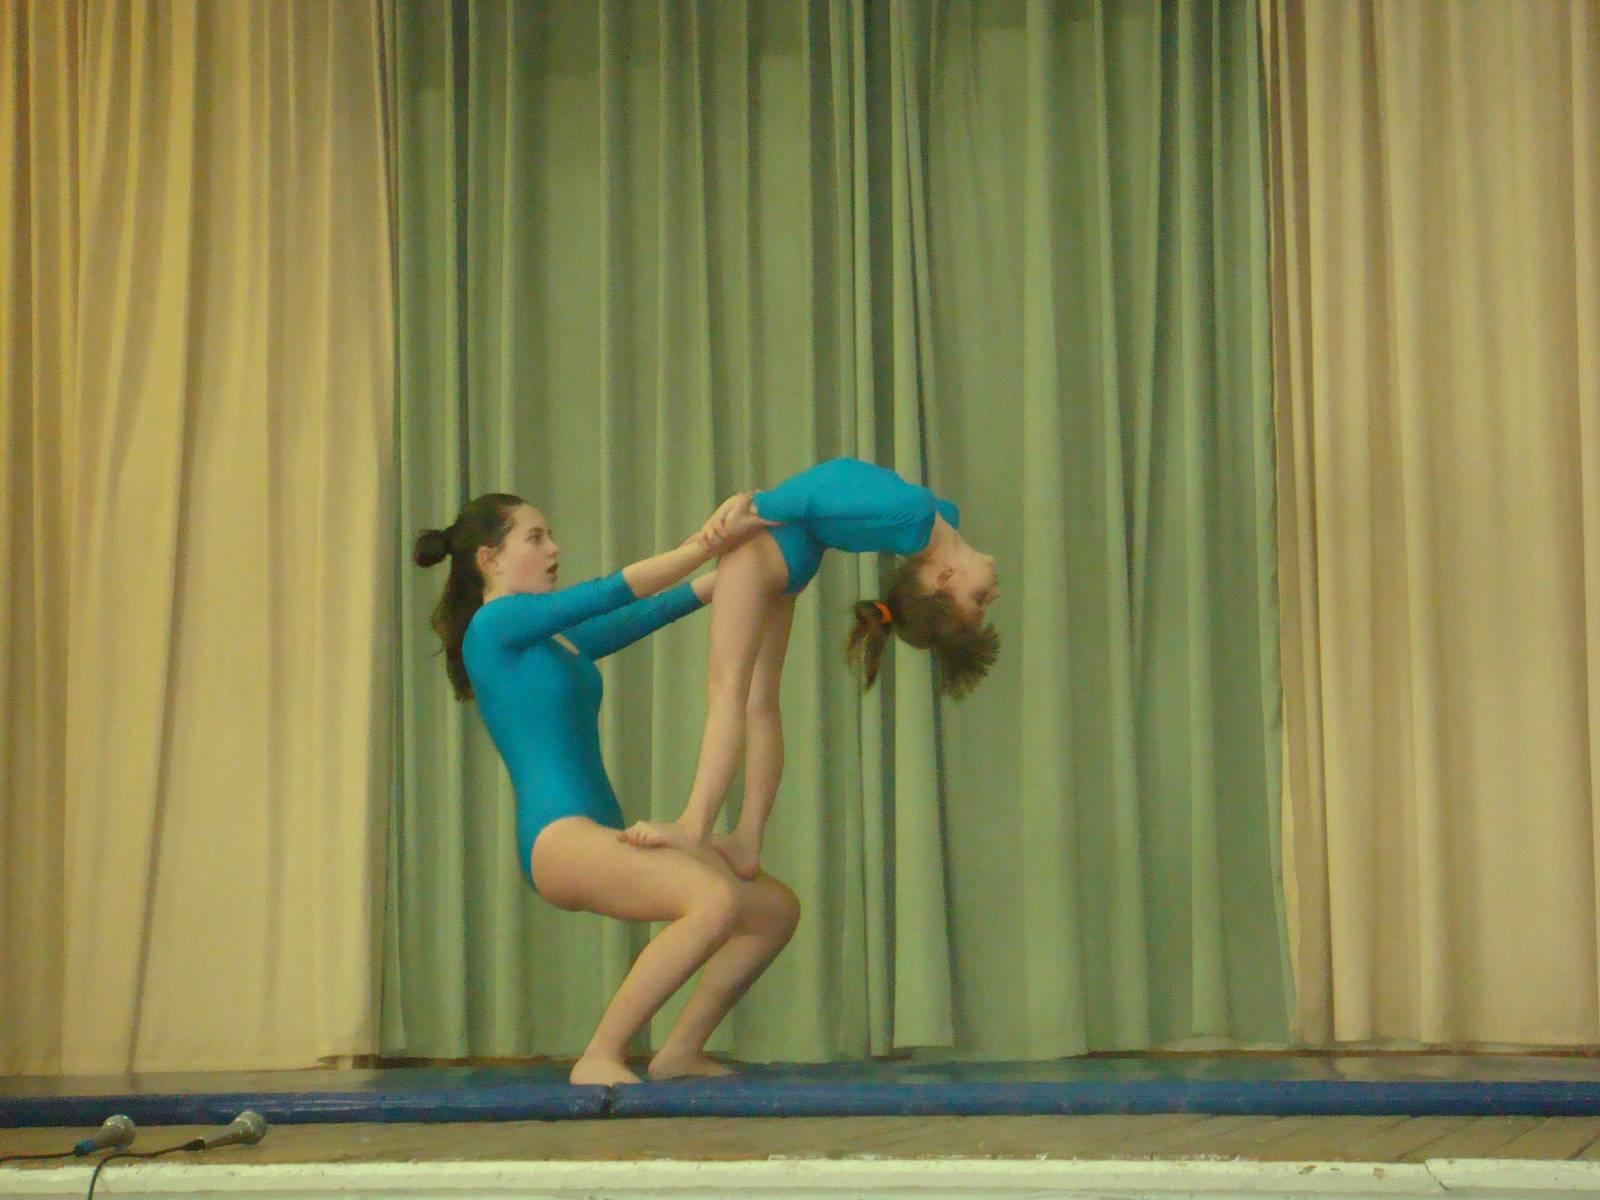 Фотографии юные гимнастки фото 7 фотография